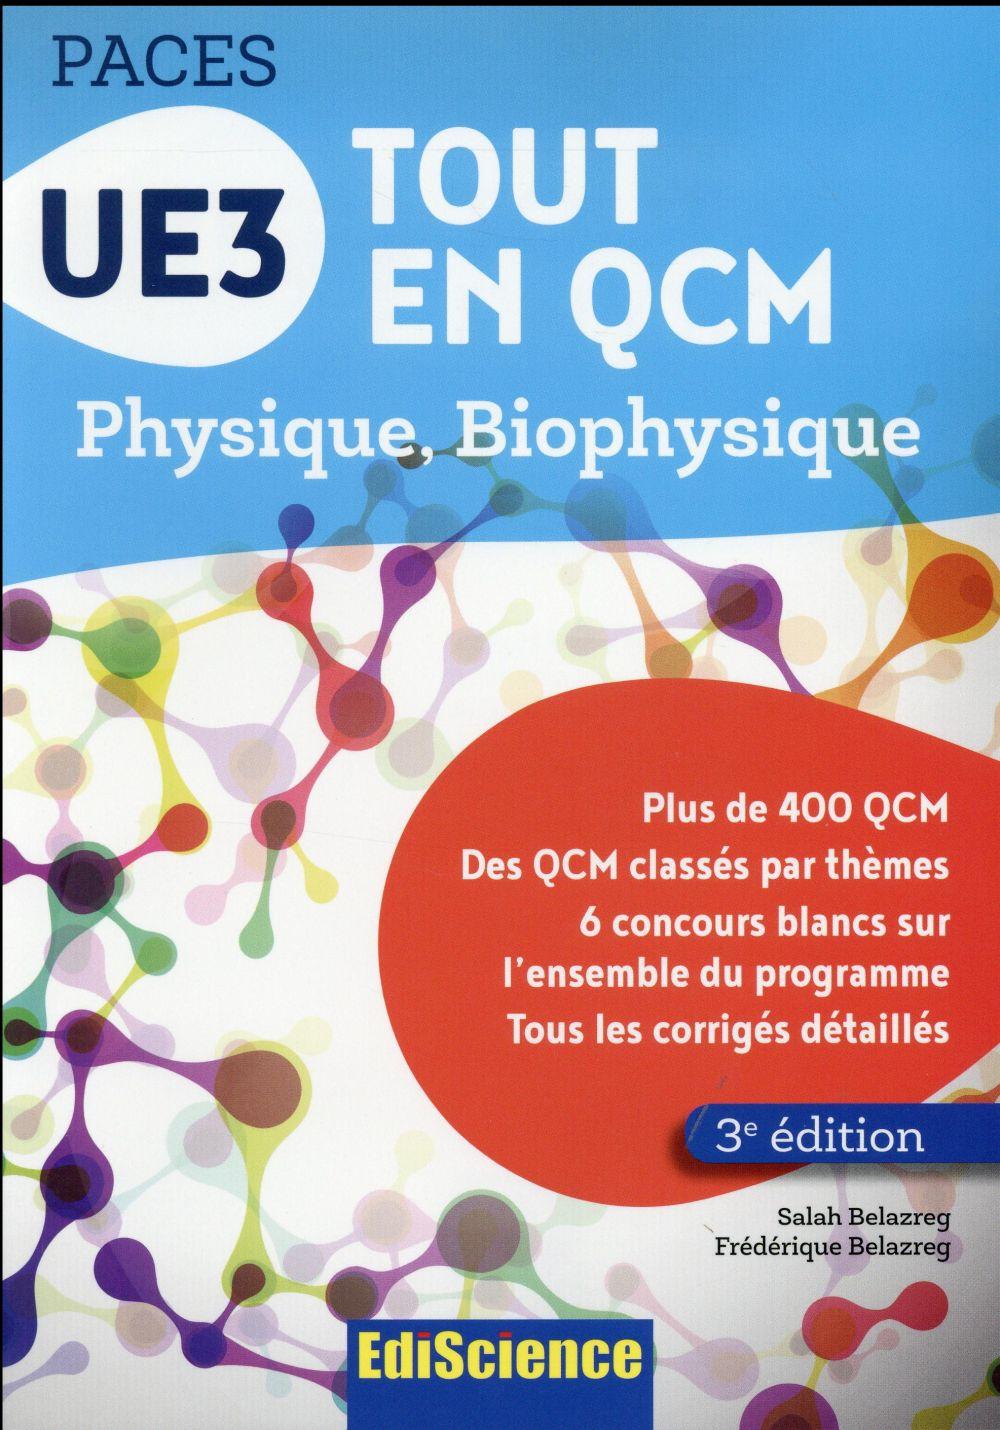 UE3 tout en QCM ; physique, biophysique (3e édition)